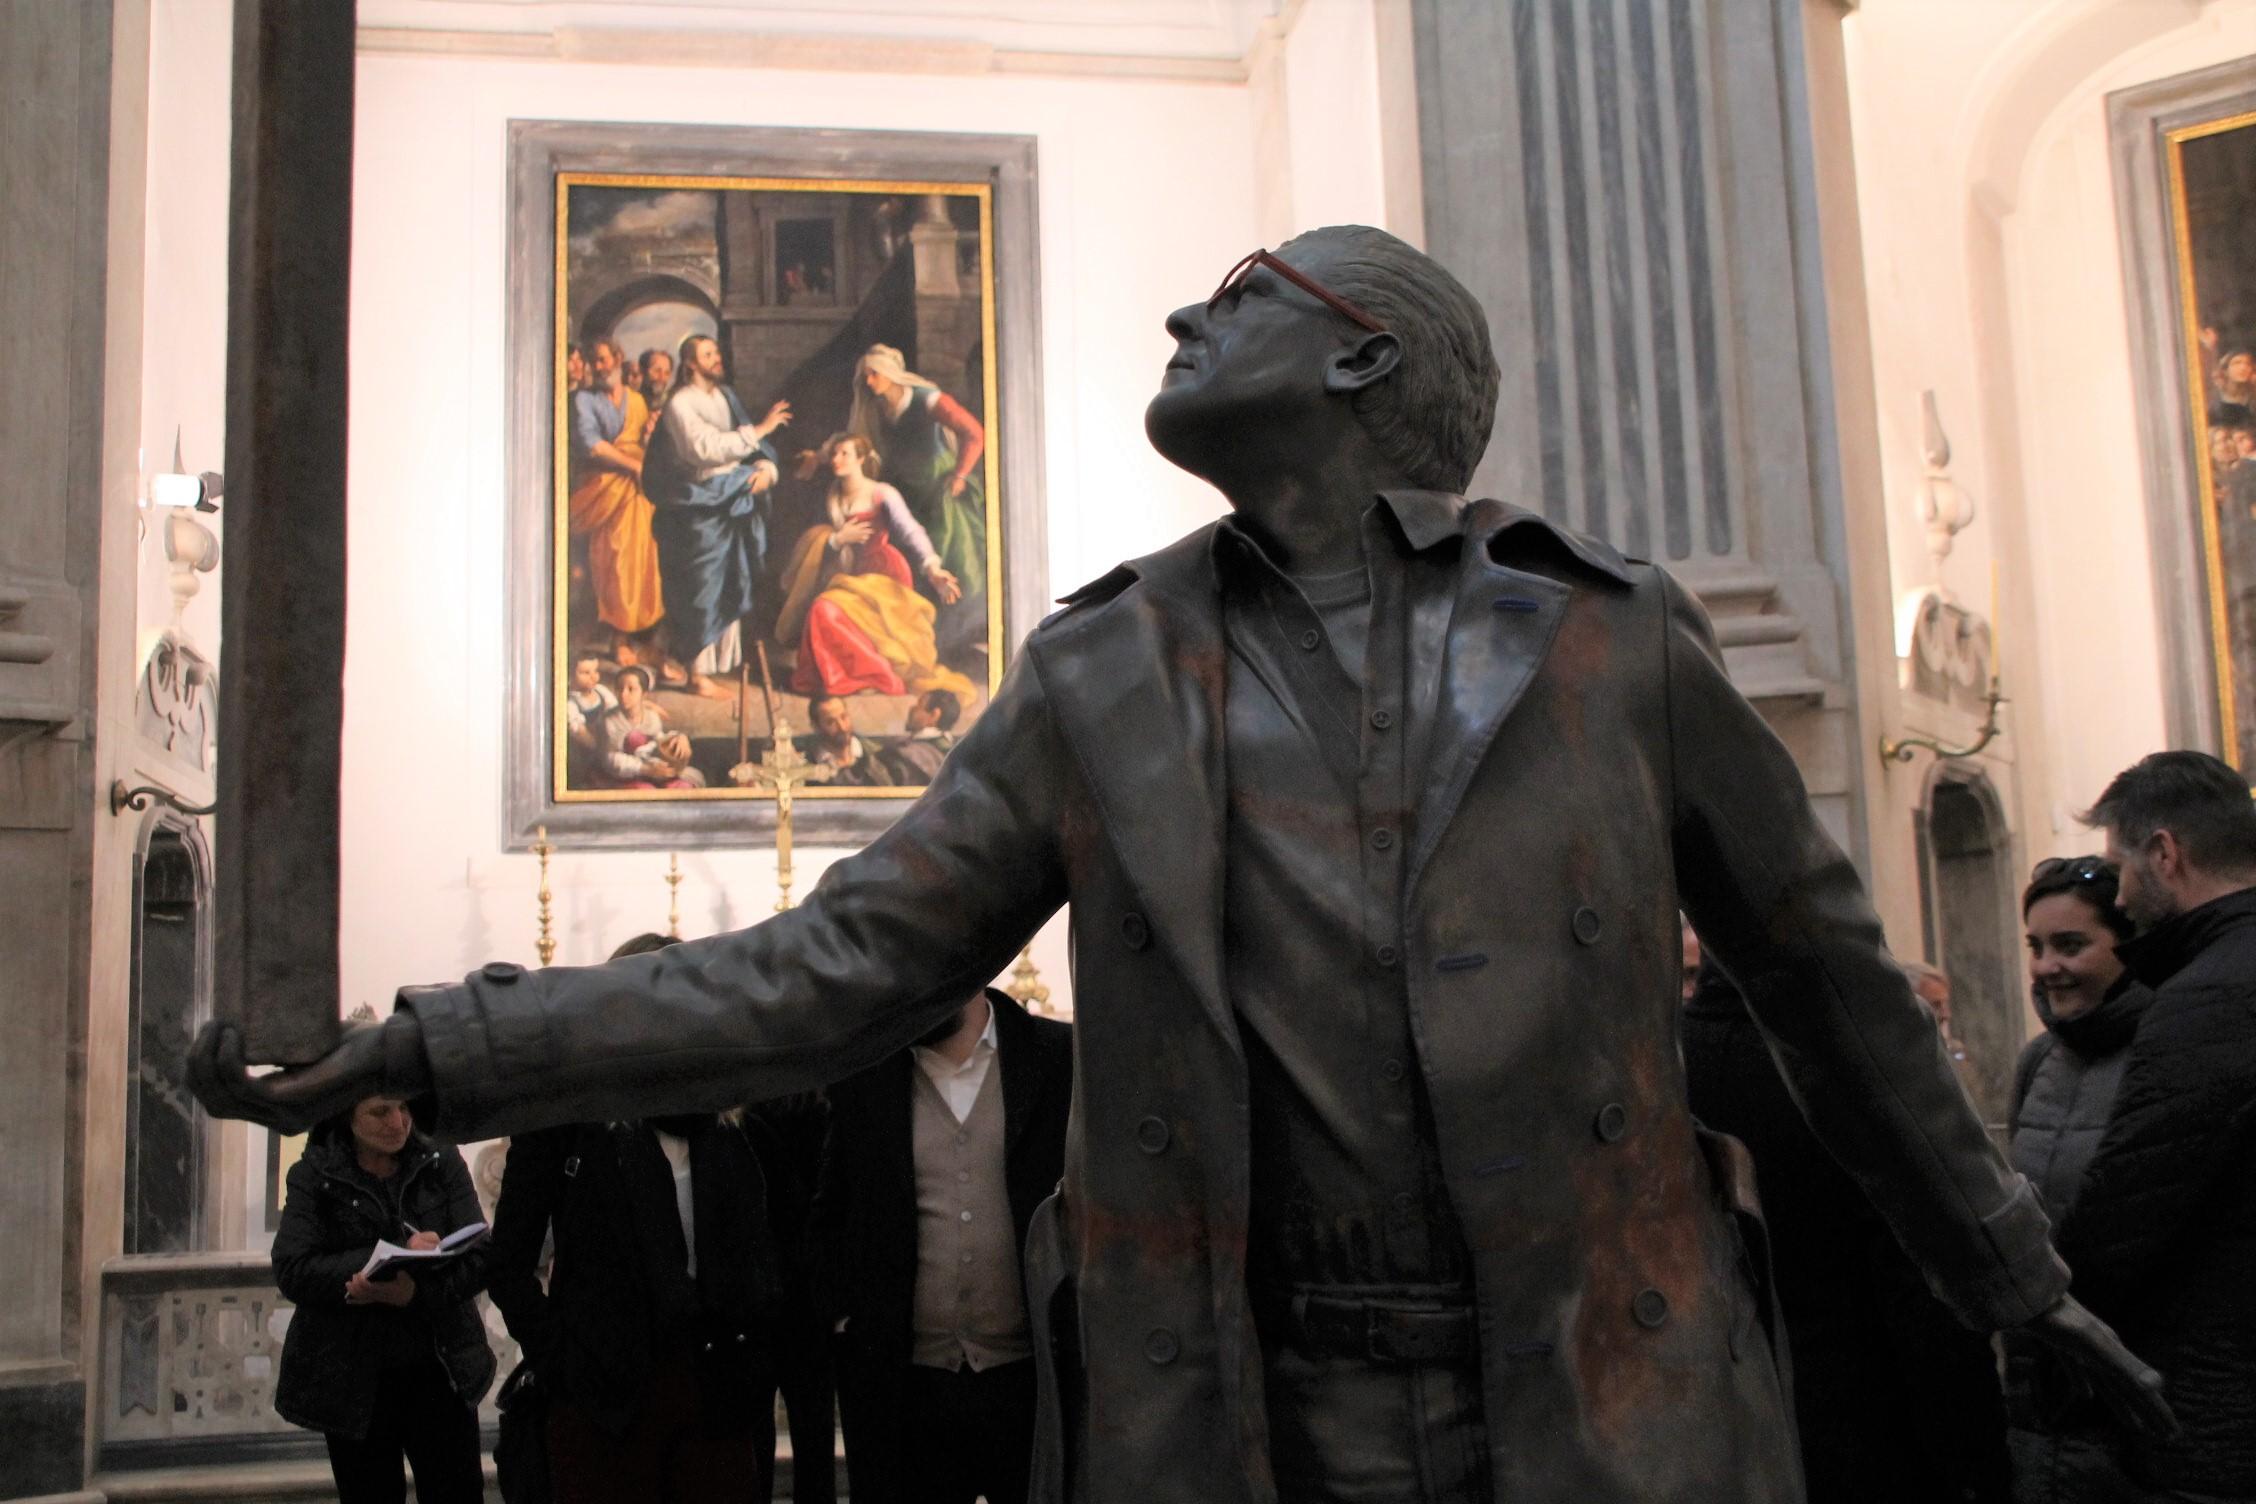 L'uomo che sorregge la croce. Fabre dialoga con Caravaggio: l'ottava opera di Misericordia è confortare chi dubita